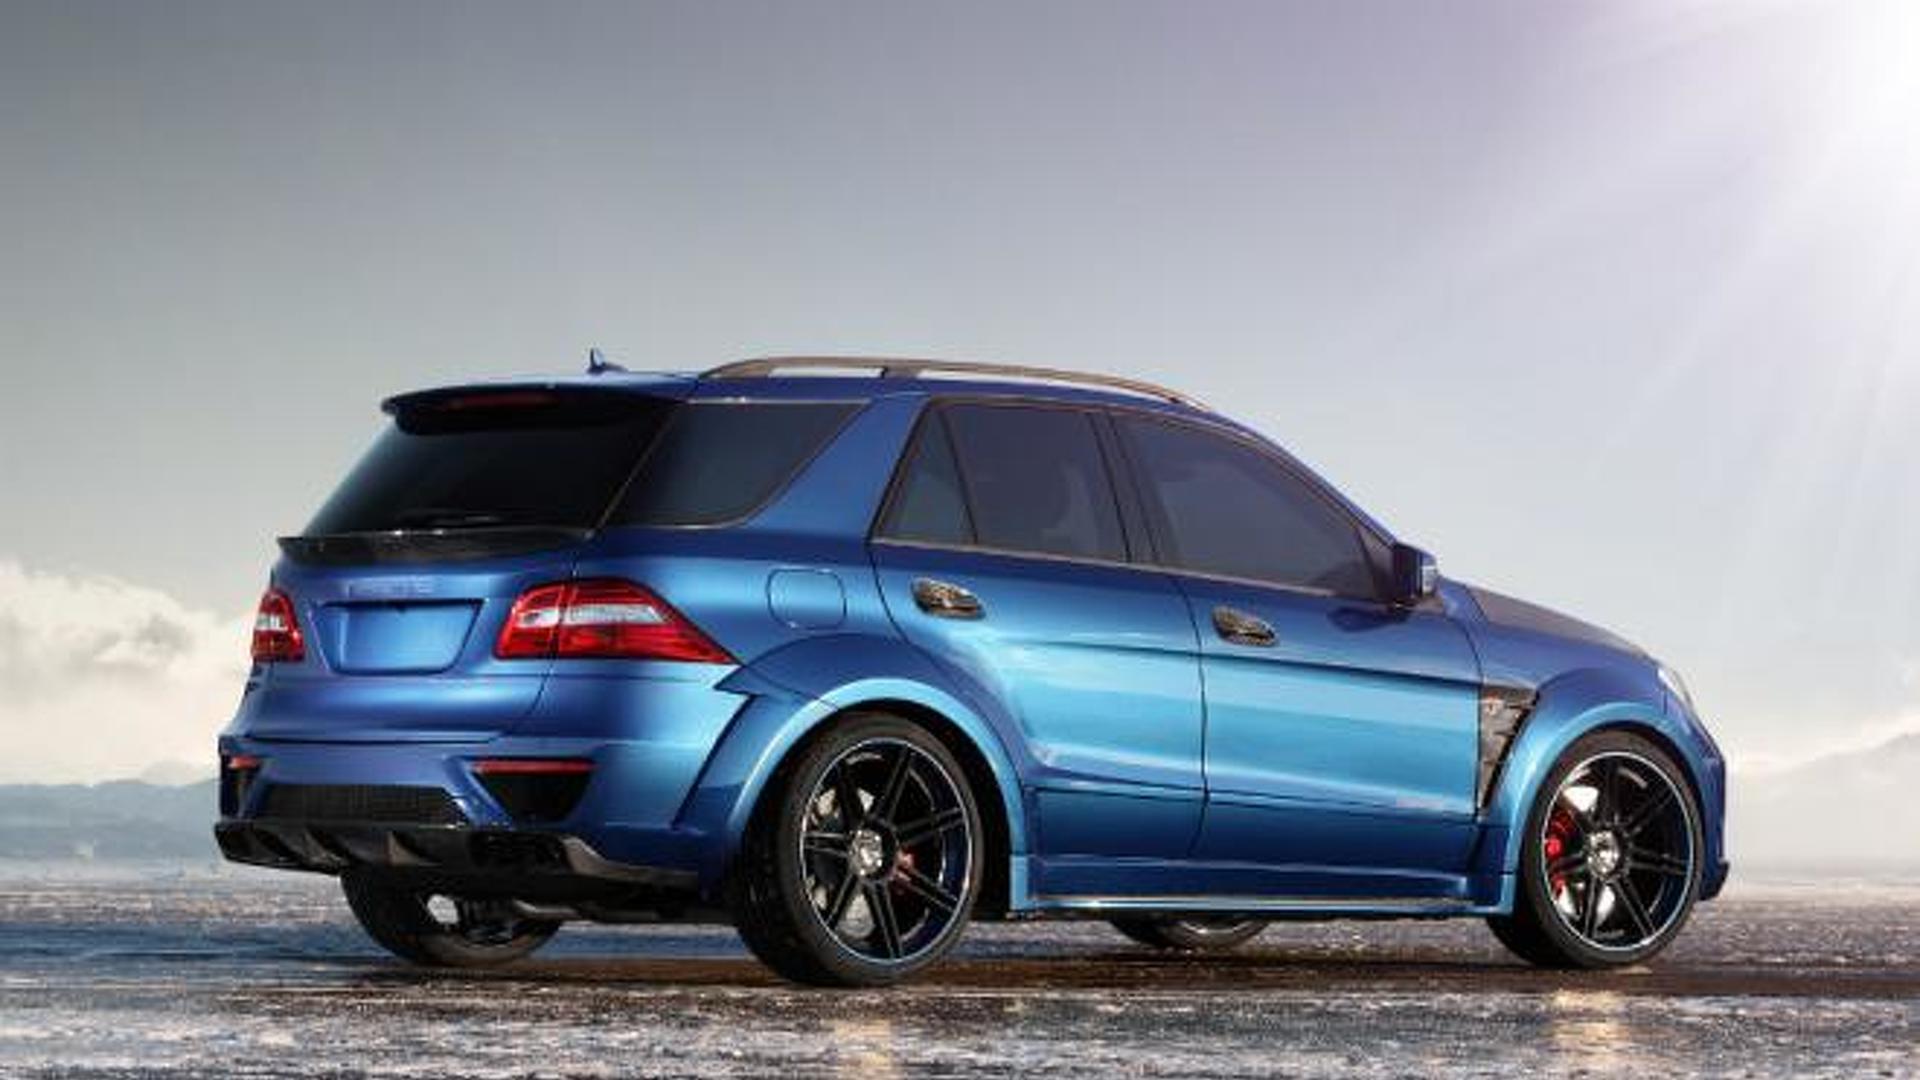 TopCar reveals Mercedes-Benz ML 63 AMG Inferno